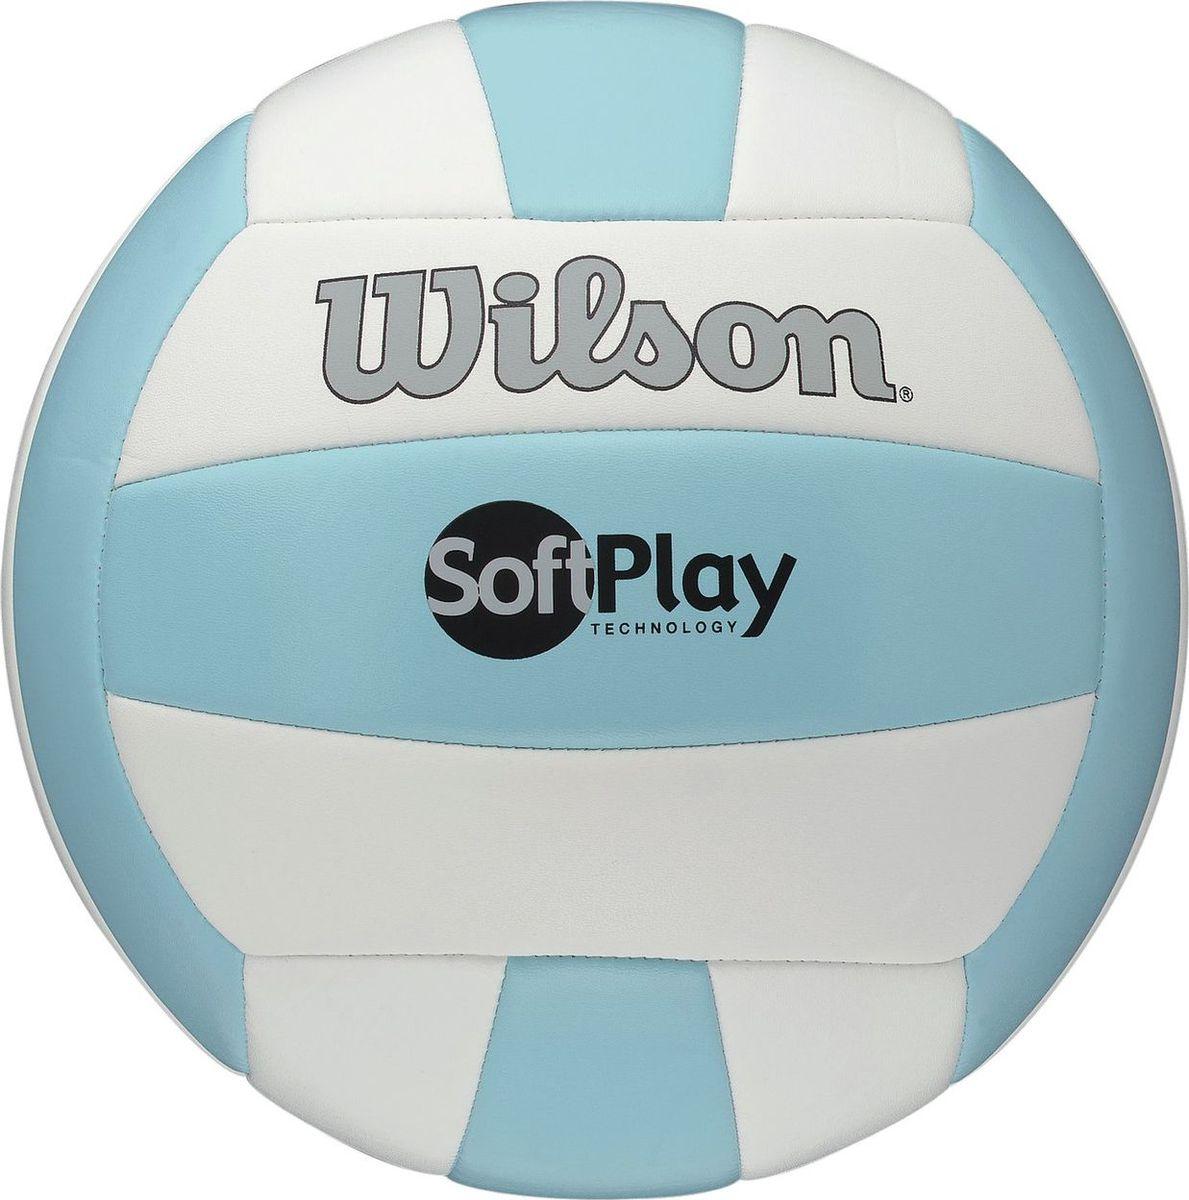 Мяч волейбольный Wilson Soft Play, цвет: голубой, белыйWTH3501XBLUWHIВолейбольный мяч Wilson Soft Play предназначен для игры на улице и в зале. Ультрамягкое синтетическое покрытие не причиняет боль при игре.